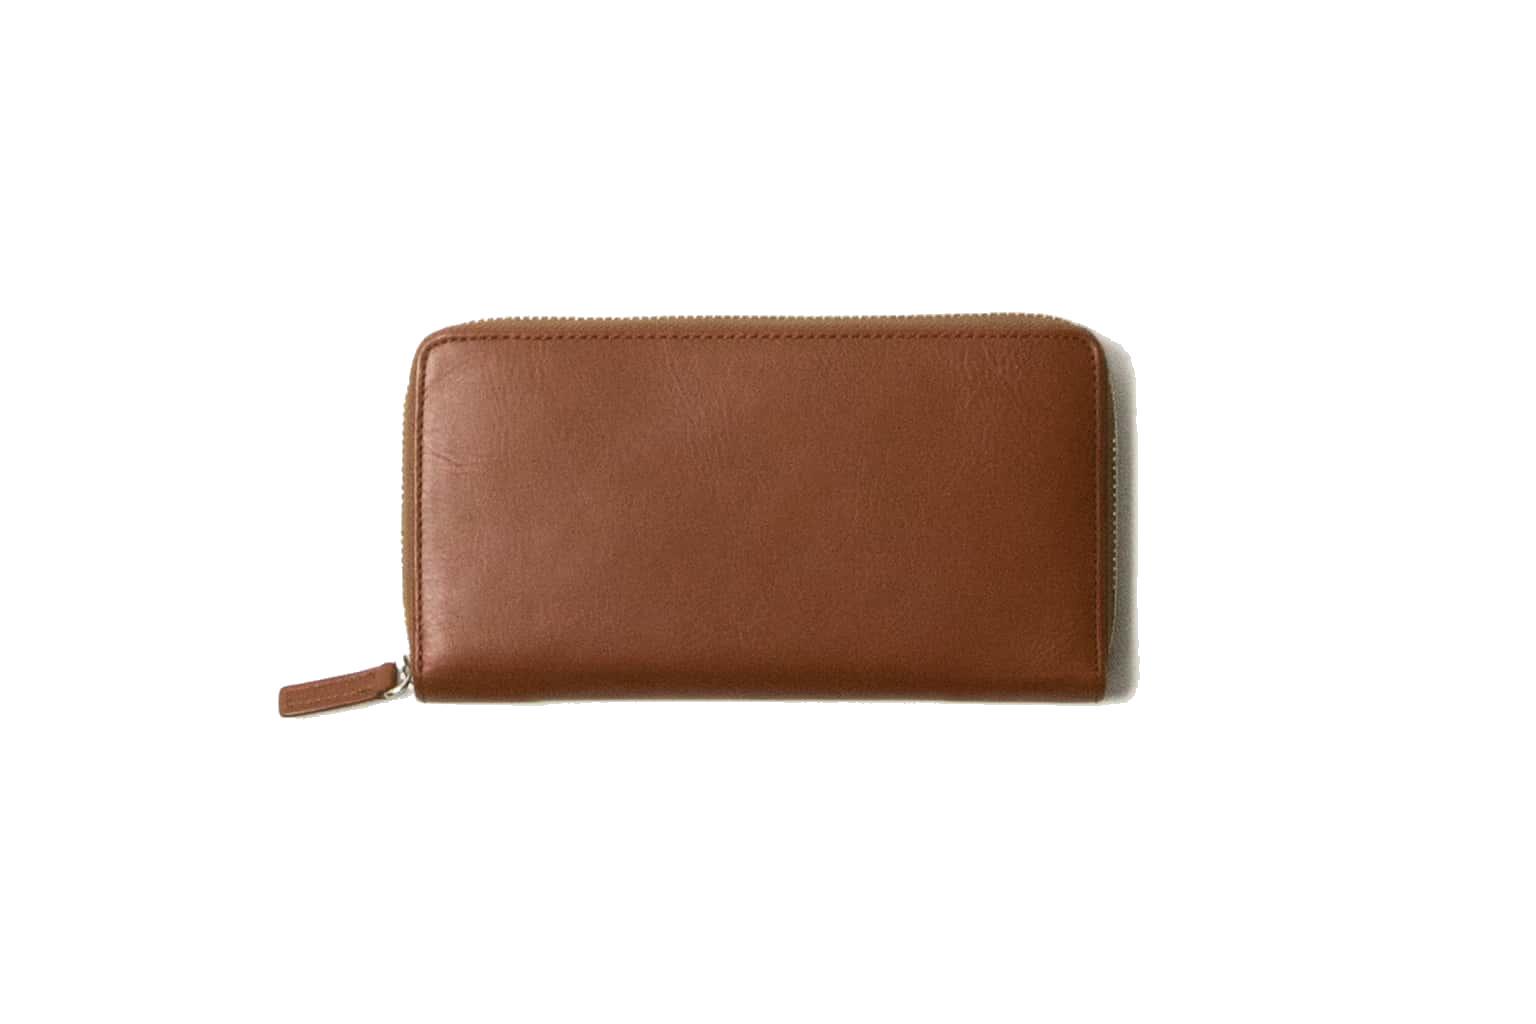 キャメルブラウン Business Leather Factory(ビジネスレザーファクトリー) 長財布(ラウンドファスナー)